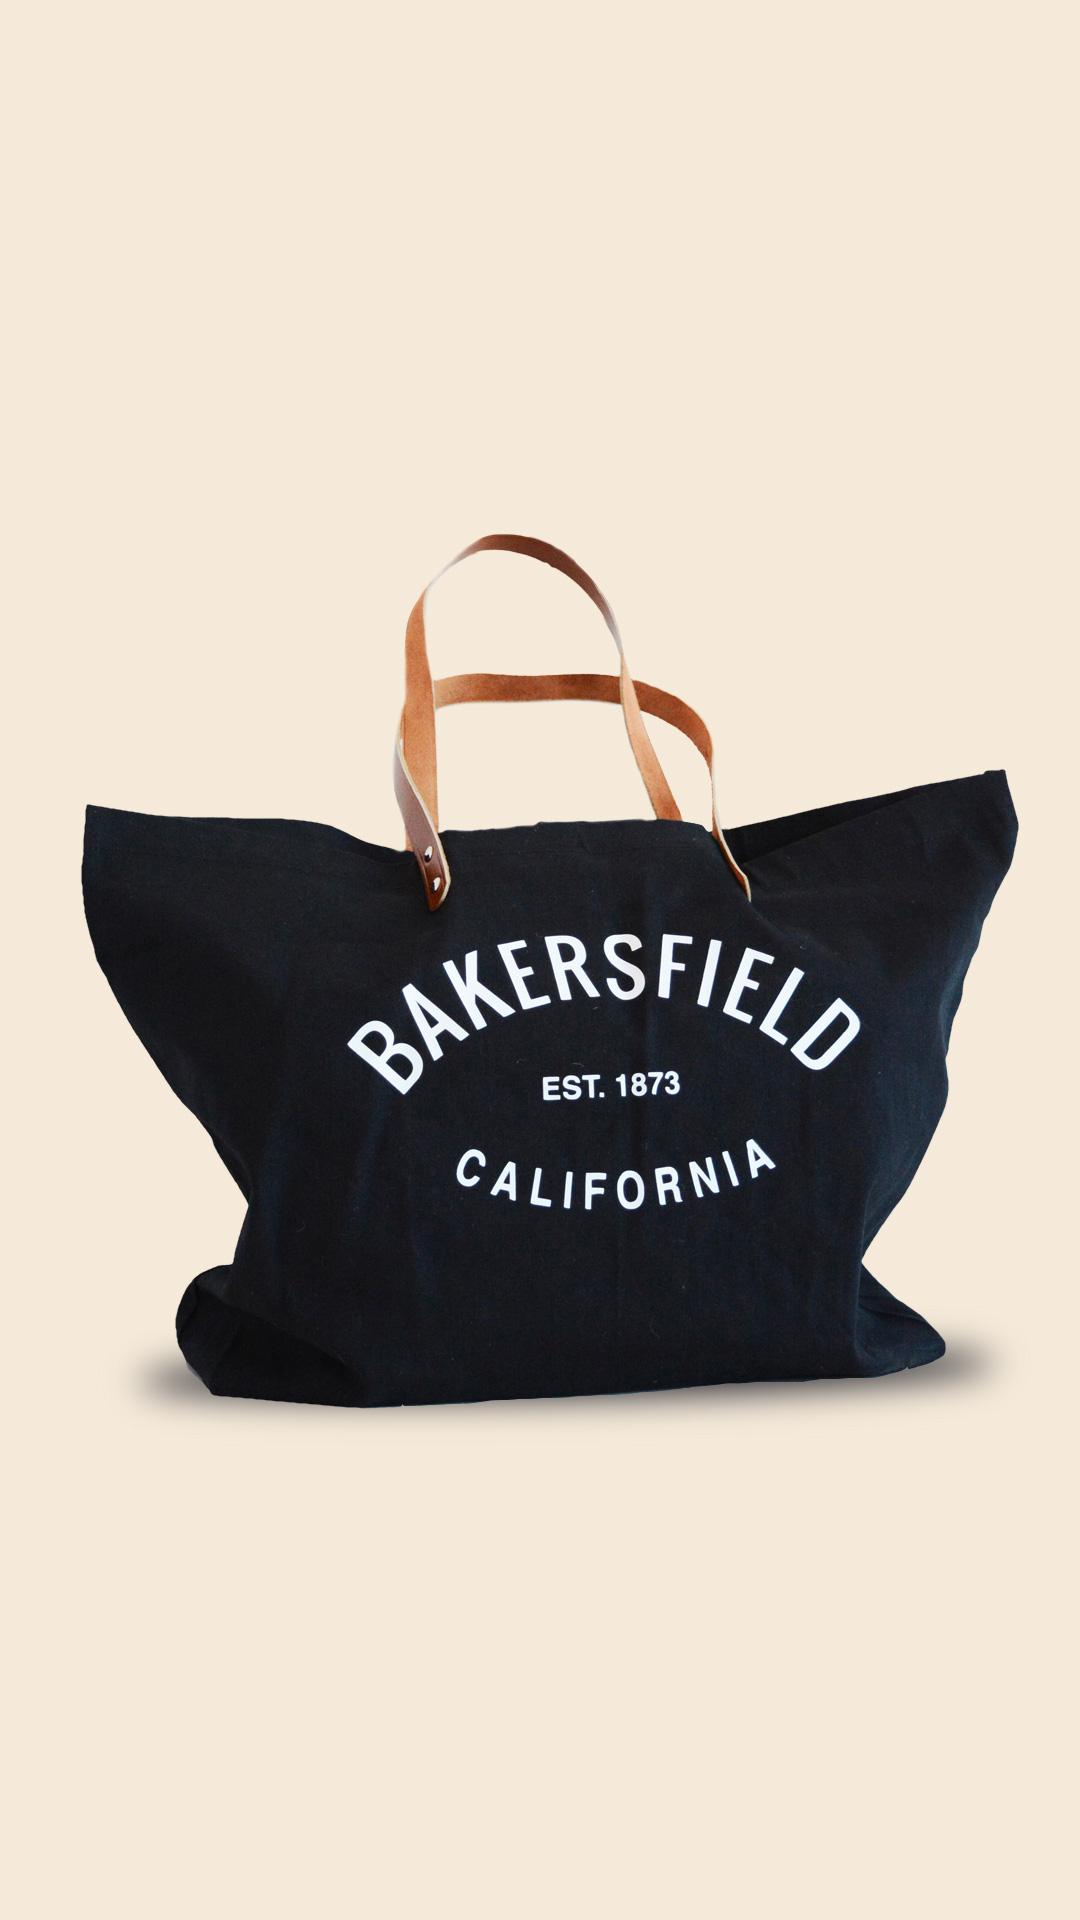 BeInBakersfield_Bag_Stories.jpg